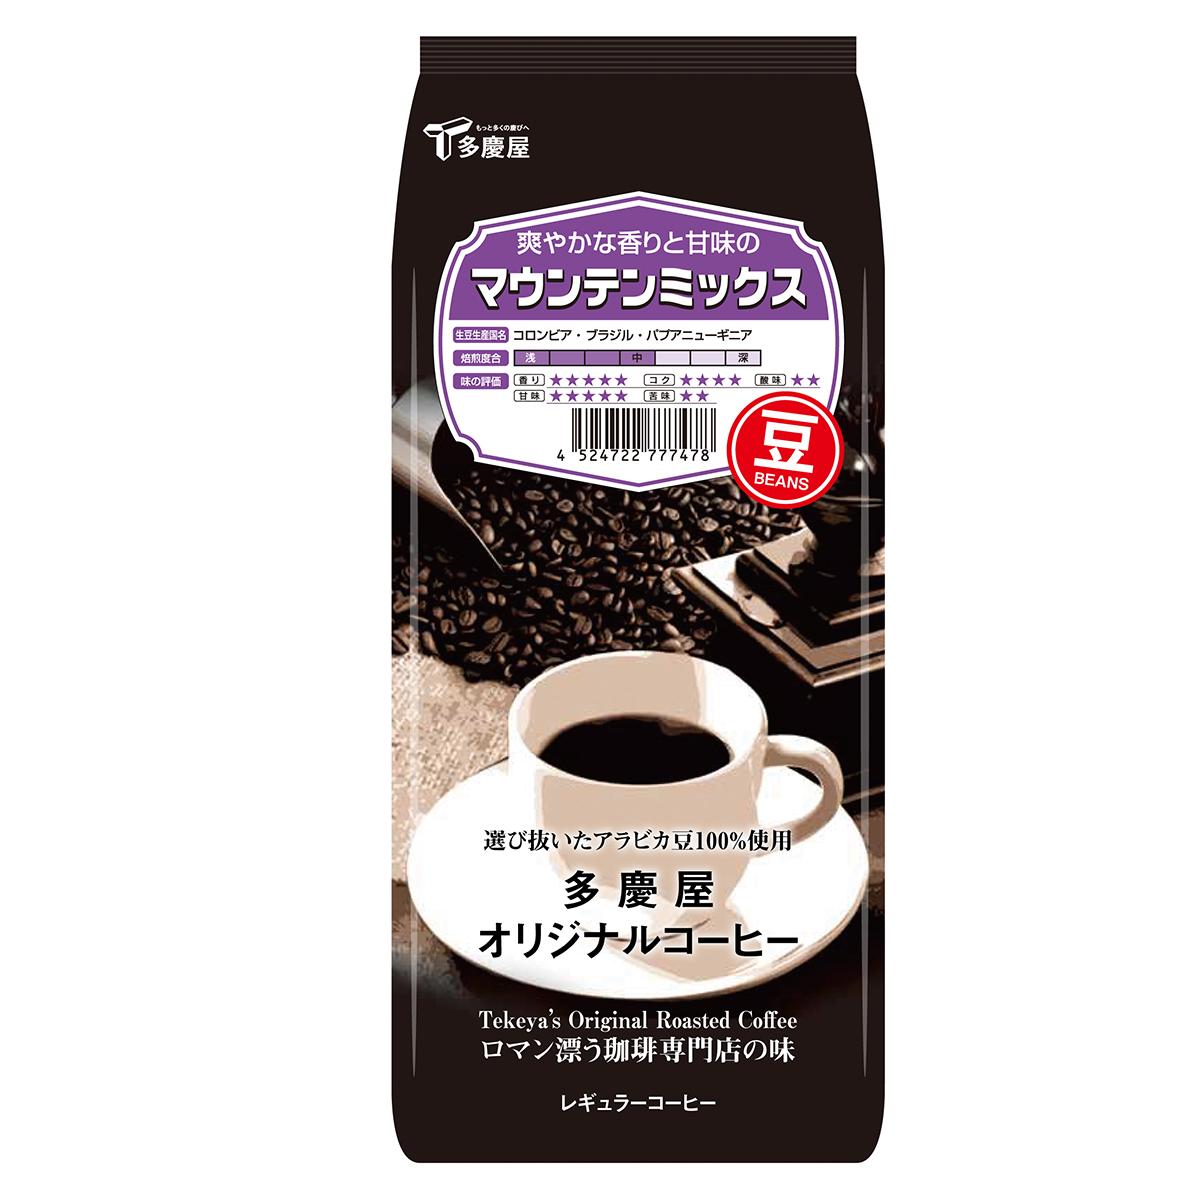 マウンテンミックス豆150g多慶屋オリジナルコーヒーコーヒー豆レギュラーコーヒー